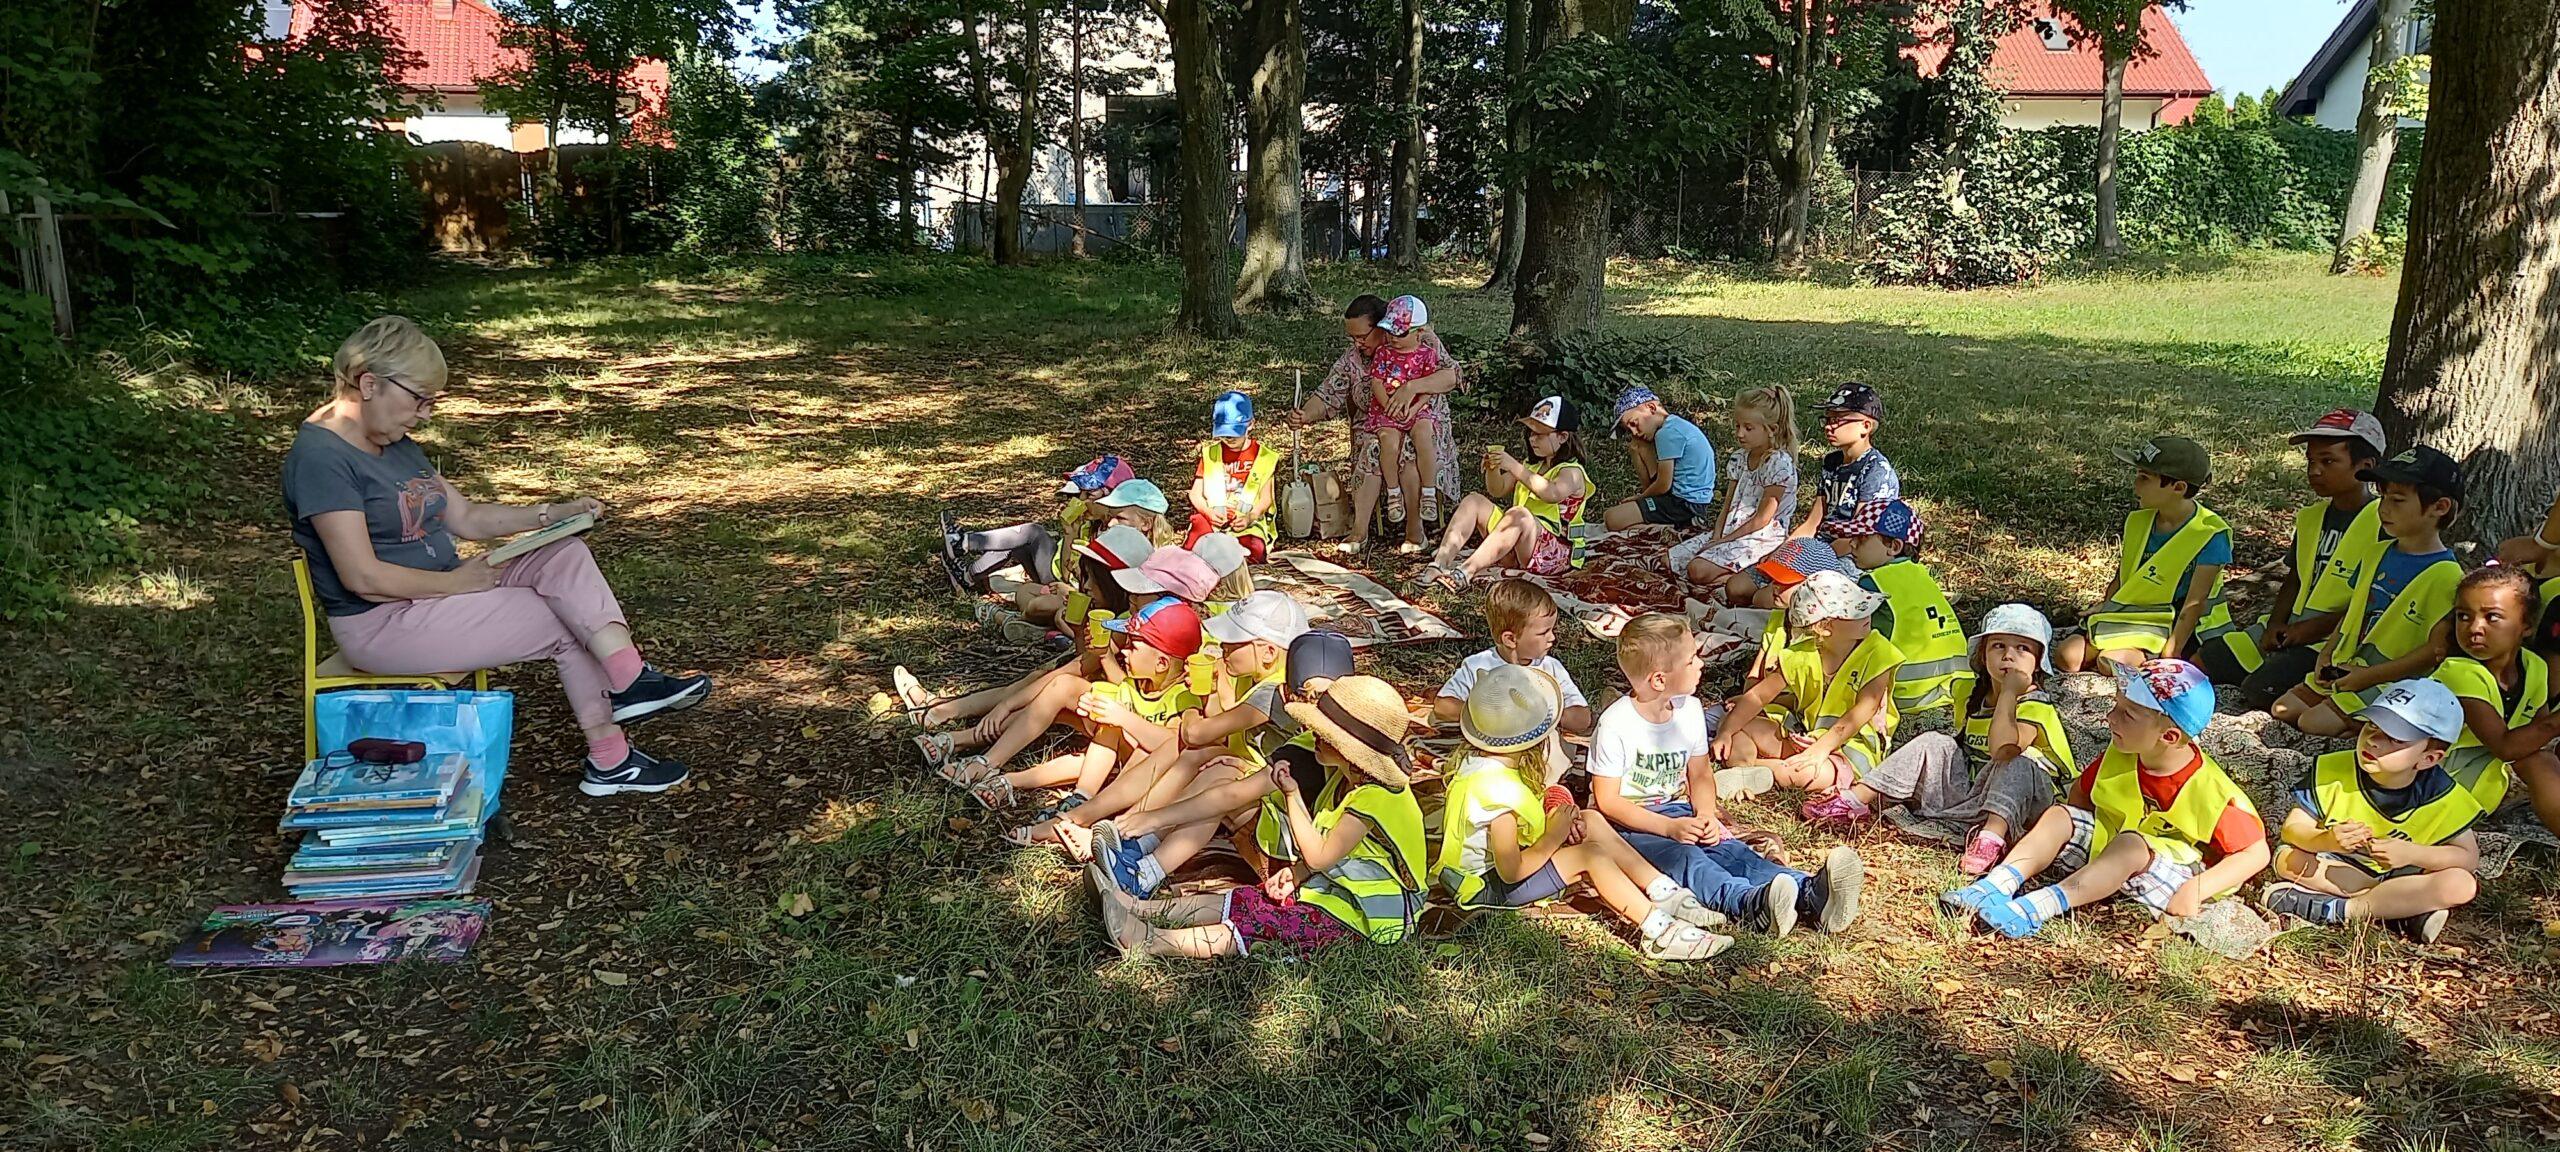 Po lewej stronie bibliotekarka czytająca wiersze, po prawej - grupa dzieci wraz z opiekunami siedzi na trawie.